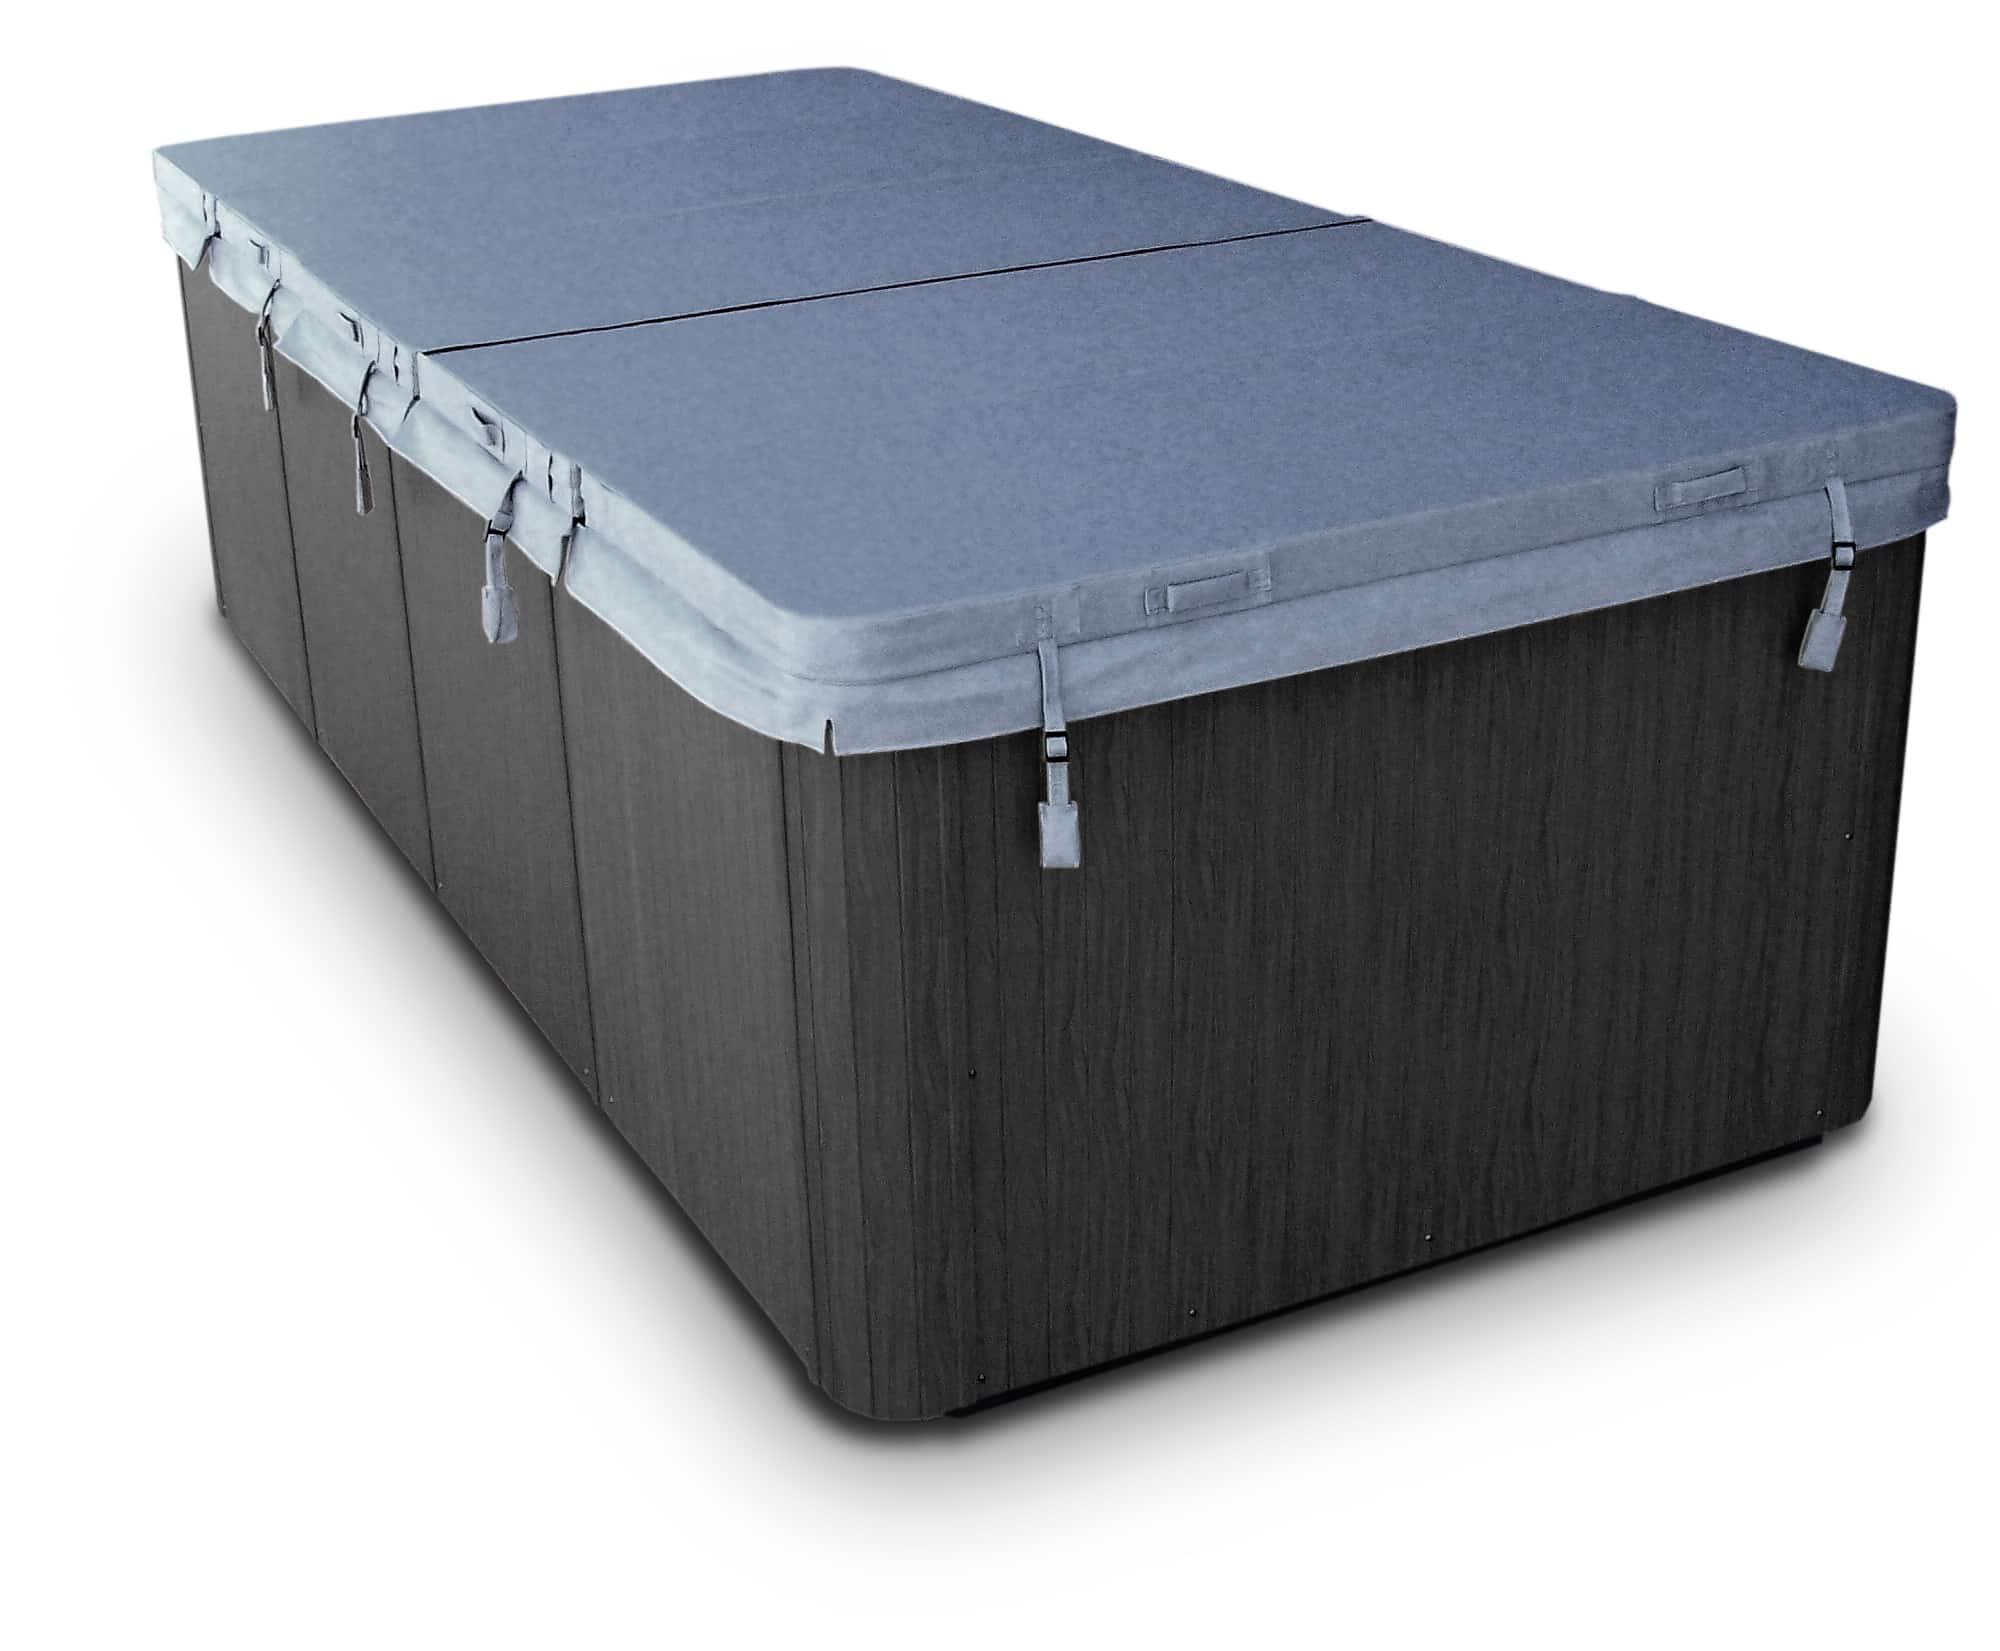 swim spa, basen, przeciwprąd, sztuczna fala